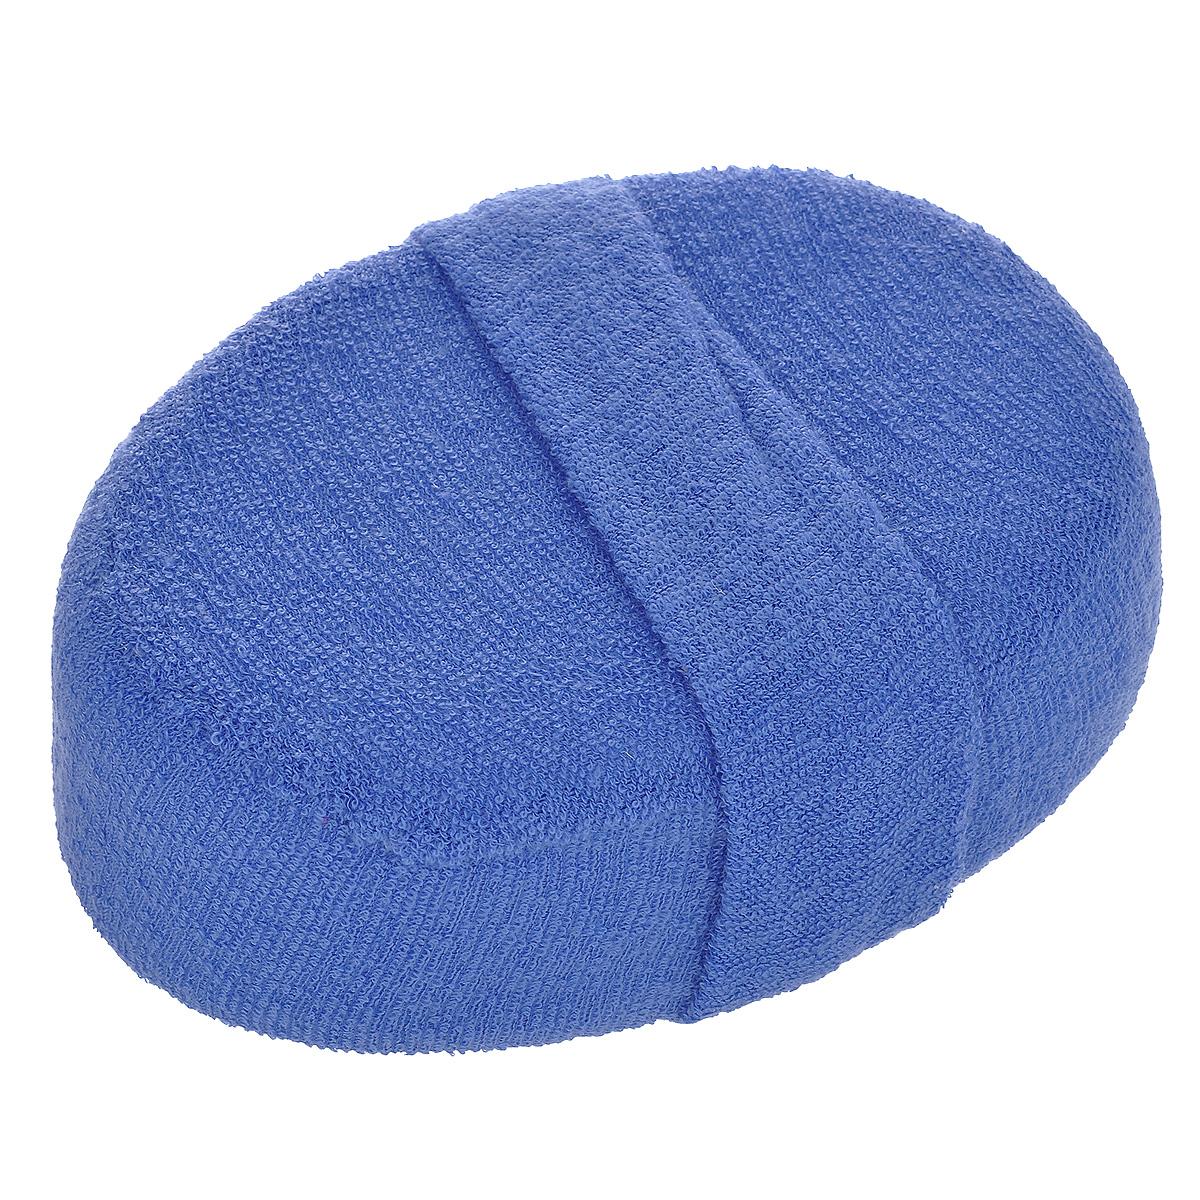 Мочалка Home Queen, из люфы, цвет: синий, 15 см х 10 см50838 синийМочалка Home Queen Овал объемный, изготовленная из люфы, прекрасно очищает и массирует кожу, улучшает циркуляцию крови и обмен веществ. Обладает эффектом скраба - мягко отшелушивает верхний слой эпидермиса, стимулируя рост новых, молодых клеток, делает кожу здоровой и красивой. Подходит для ежедневного использования.